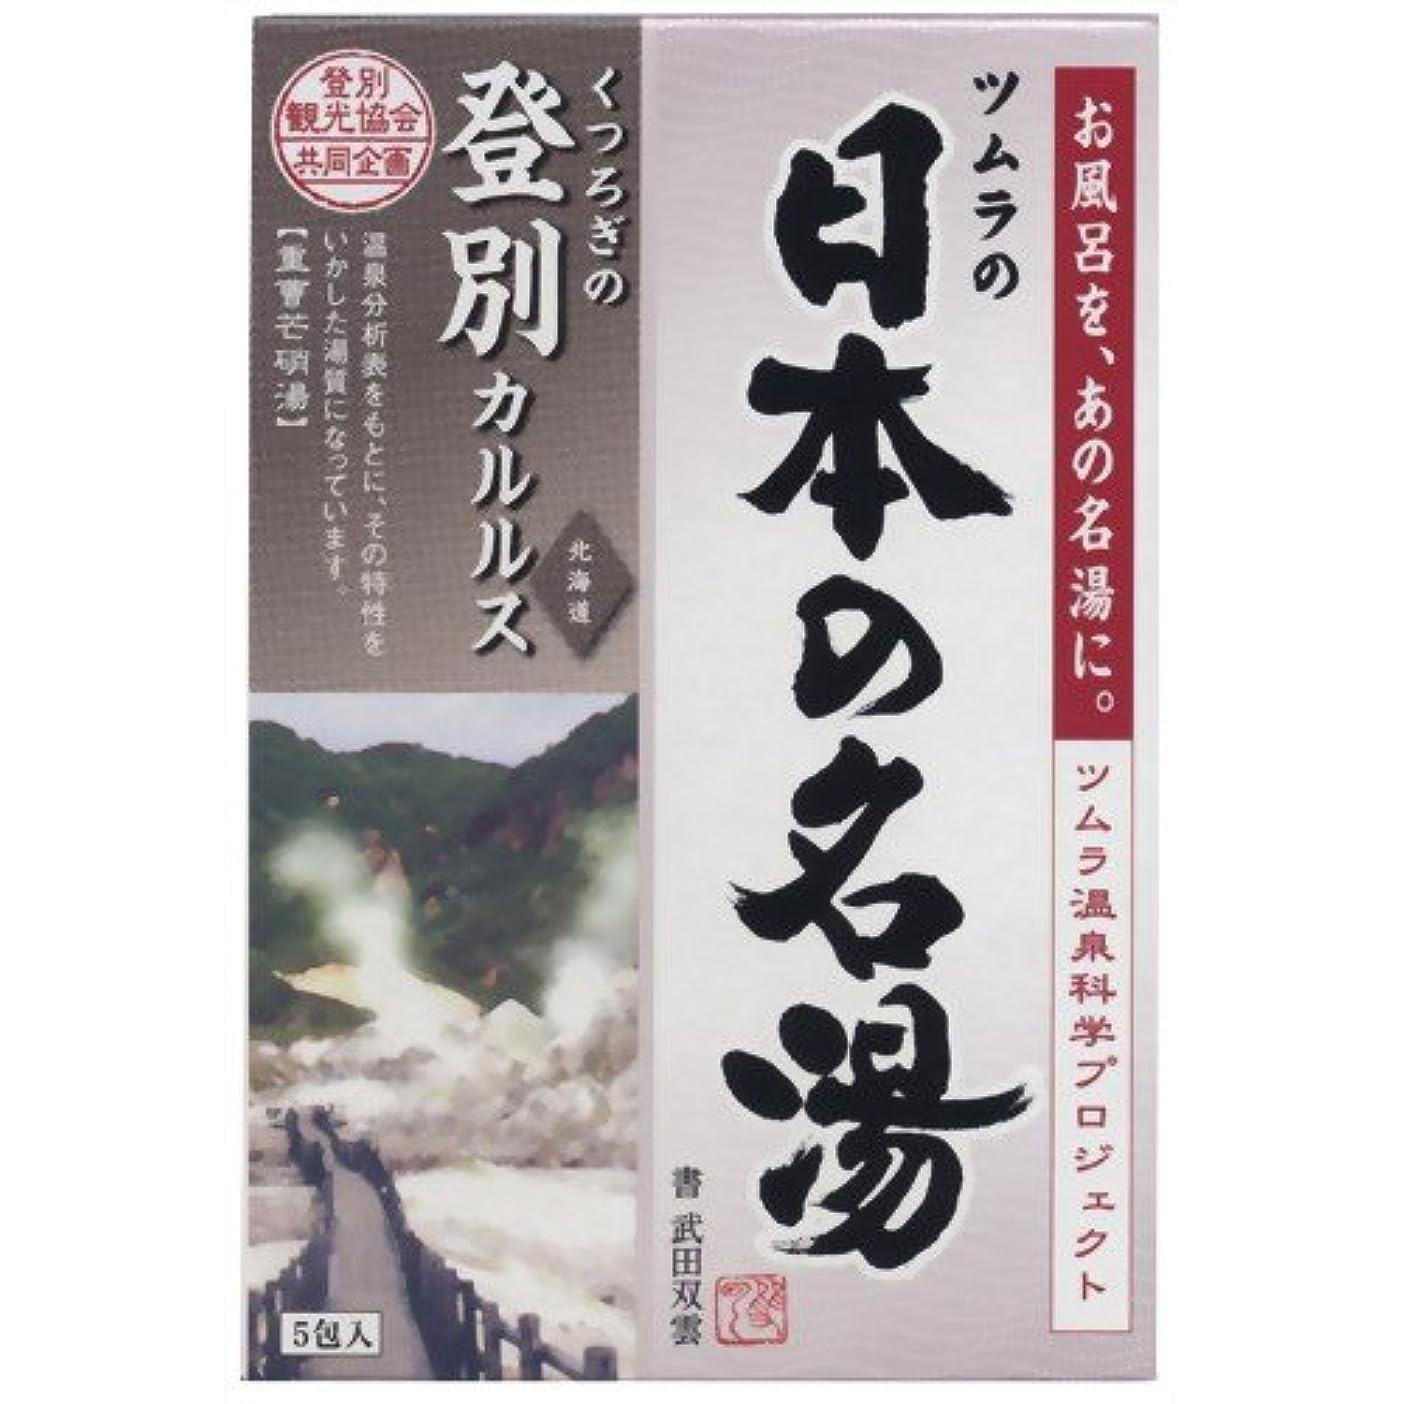 装備する道に迷いましたかもめバスクリン 日本の名湯 登別カルルス 30g×5包入(入浴剤)×24点セット (4548514135451)